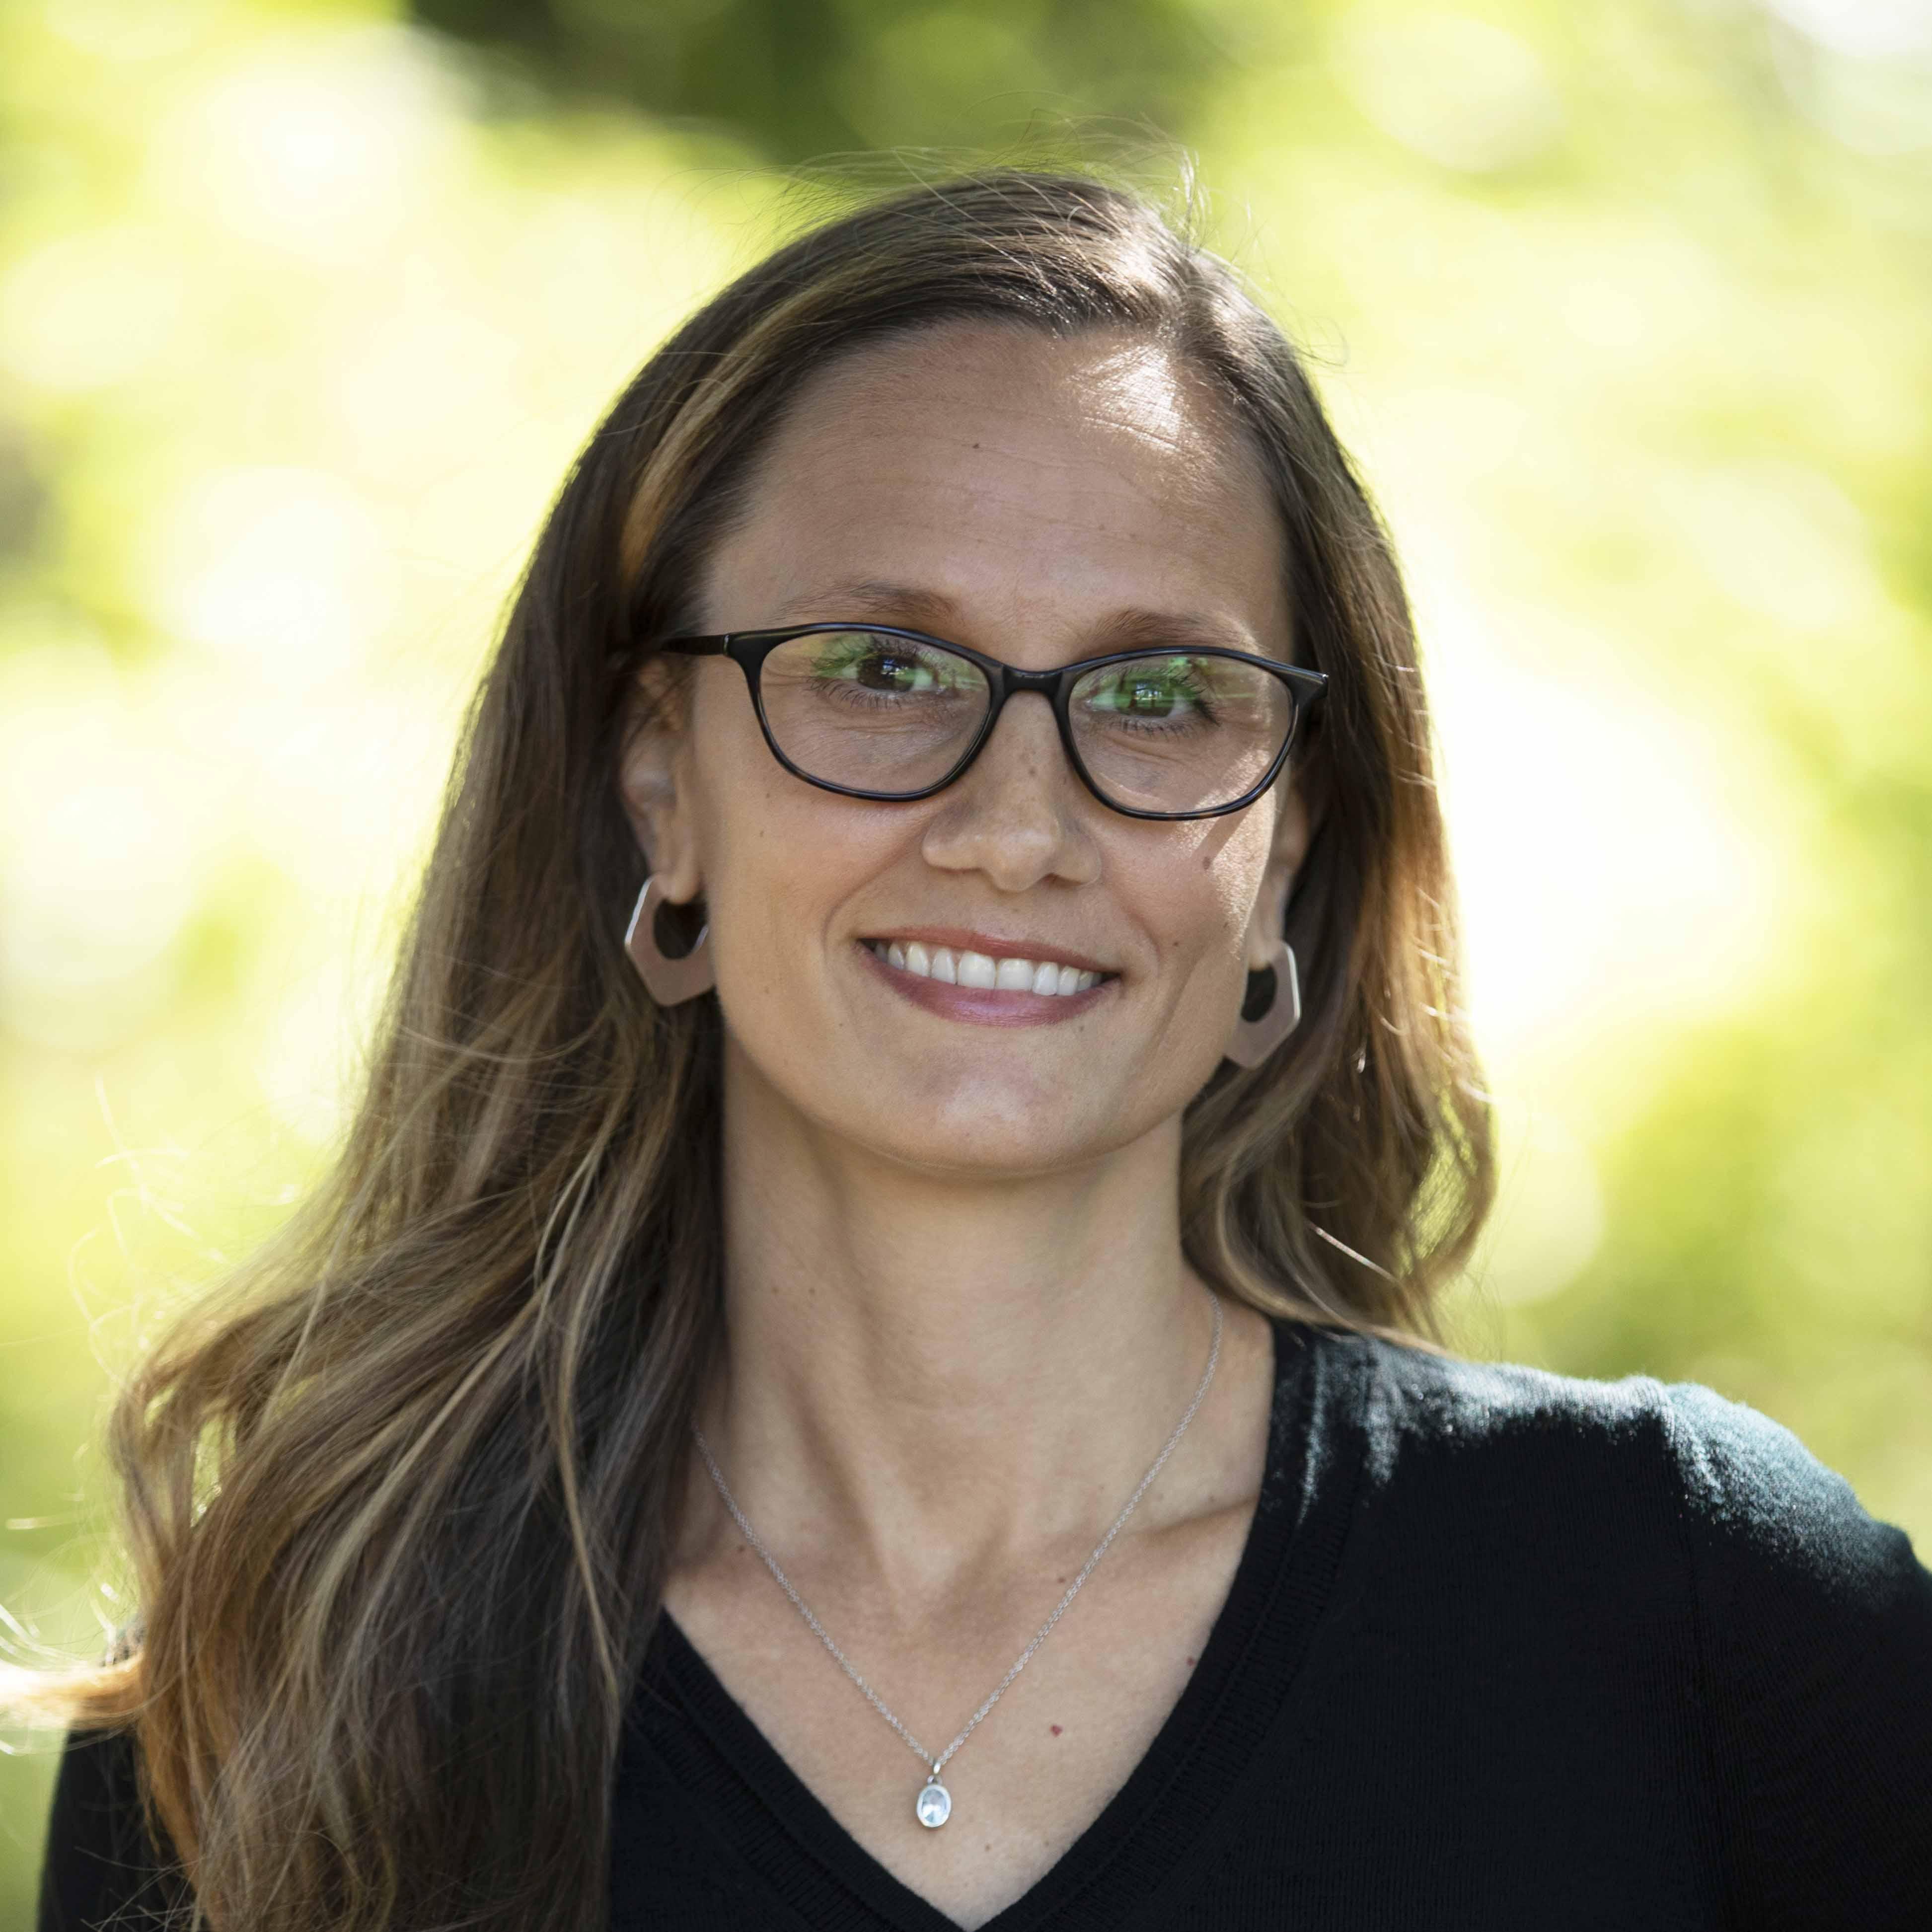 Charlotte Mack-Heller, Director of Natural Resource Management